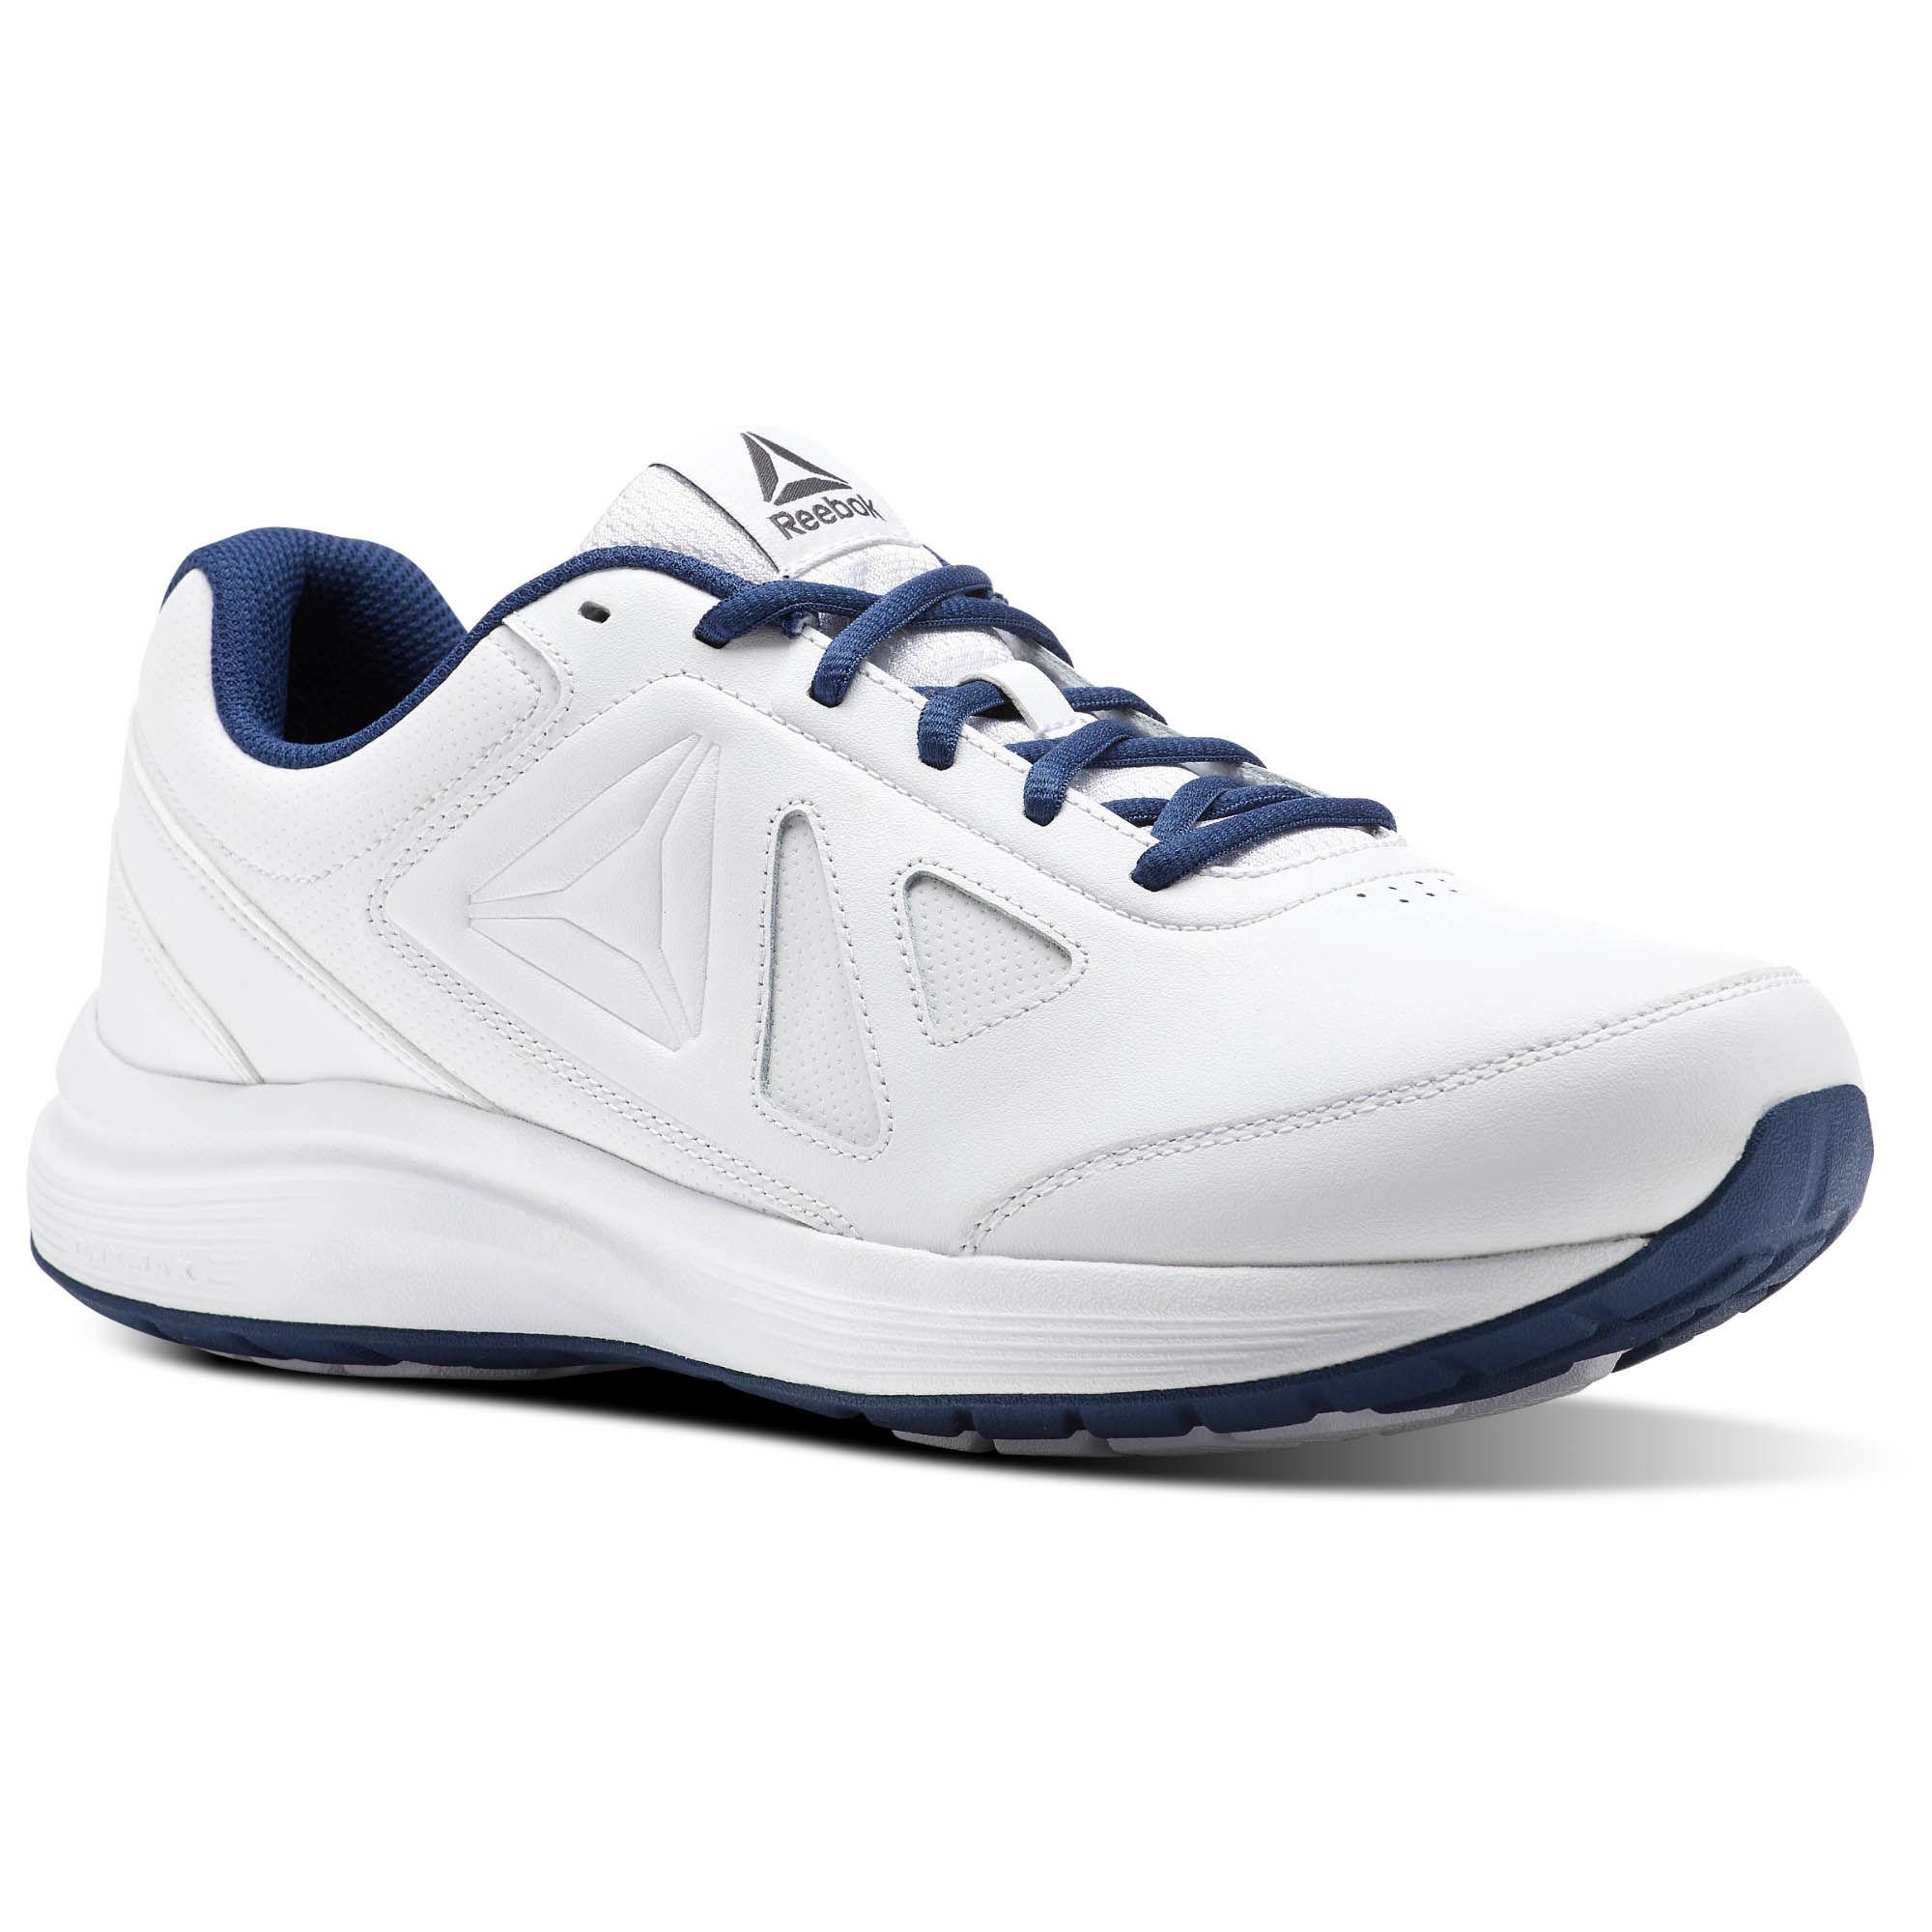 94ec98e36de73e Reebok Men s   Women s Ultra 6 DMX Max Walking Shoes - Slickdeals.net